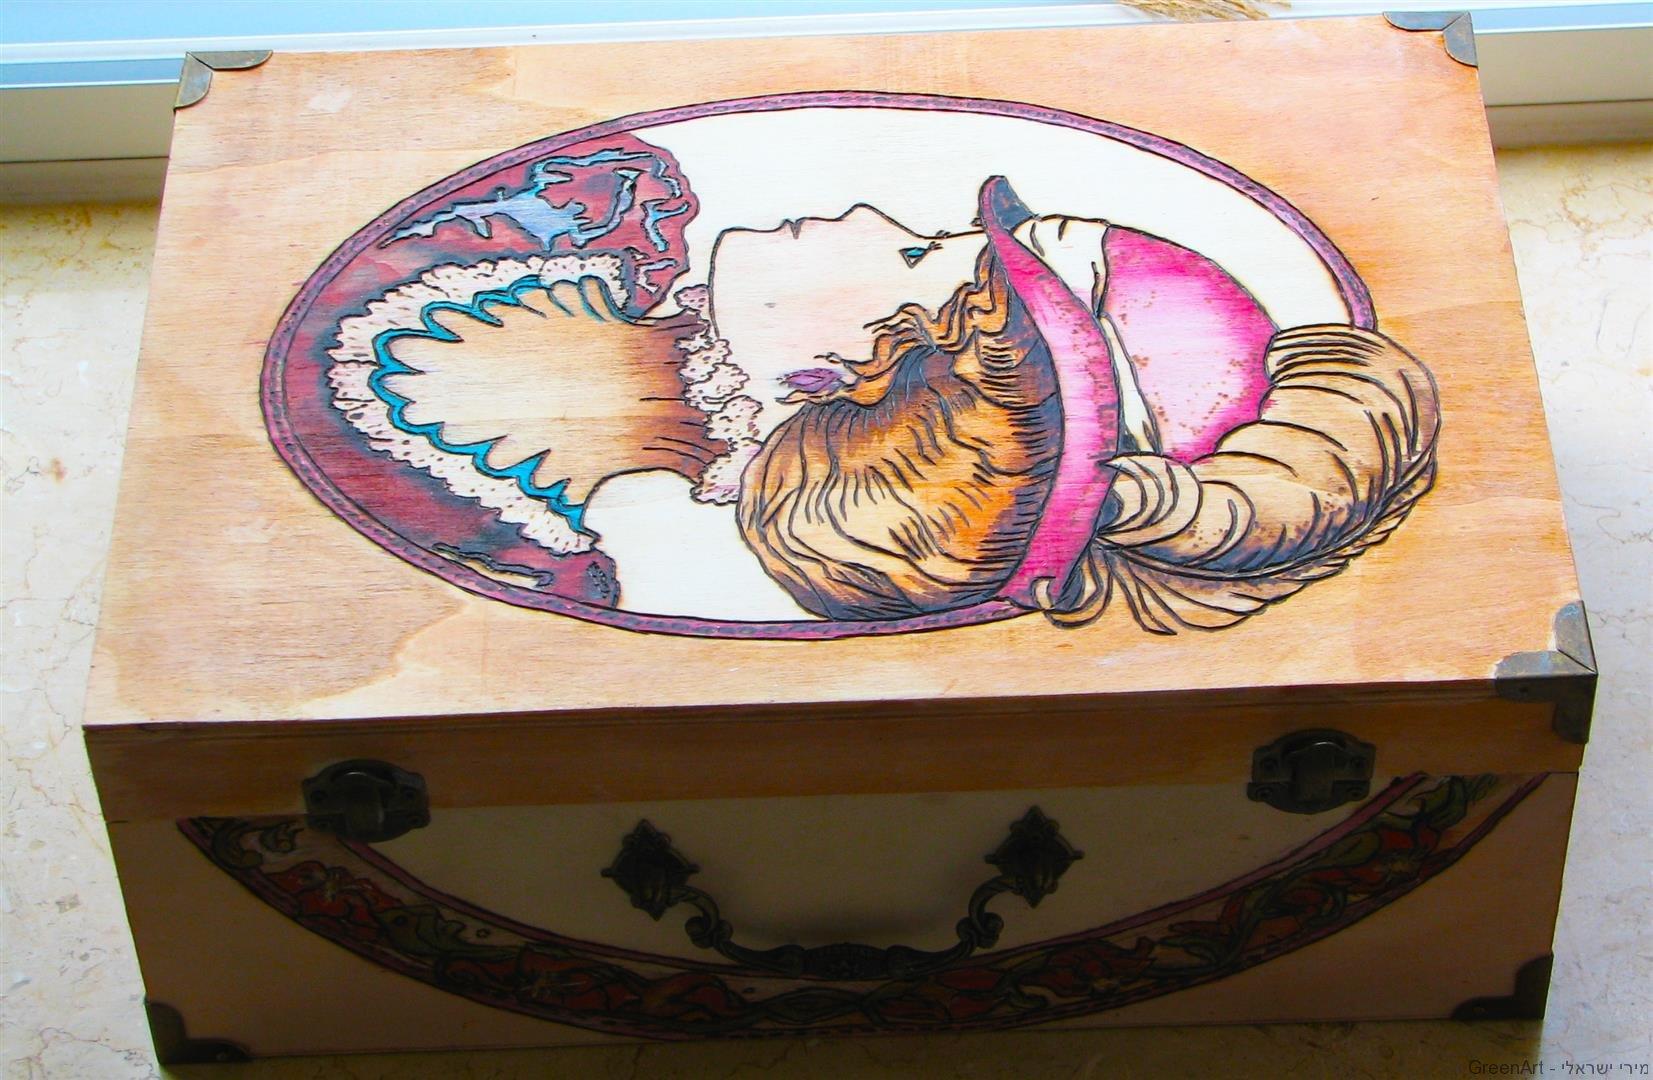 ציור וצריבה על קופסת עץ